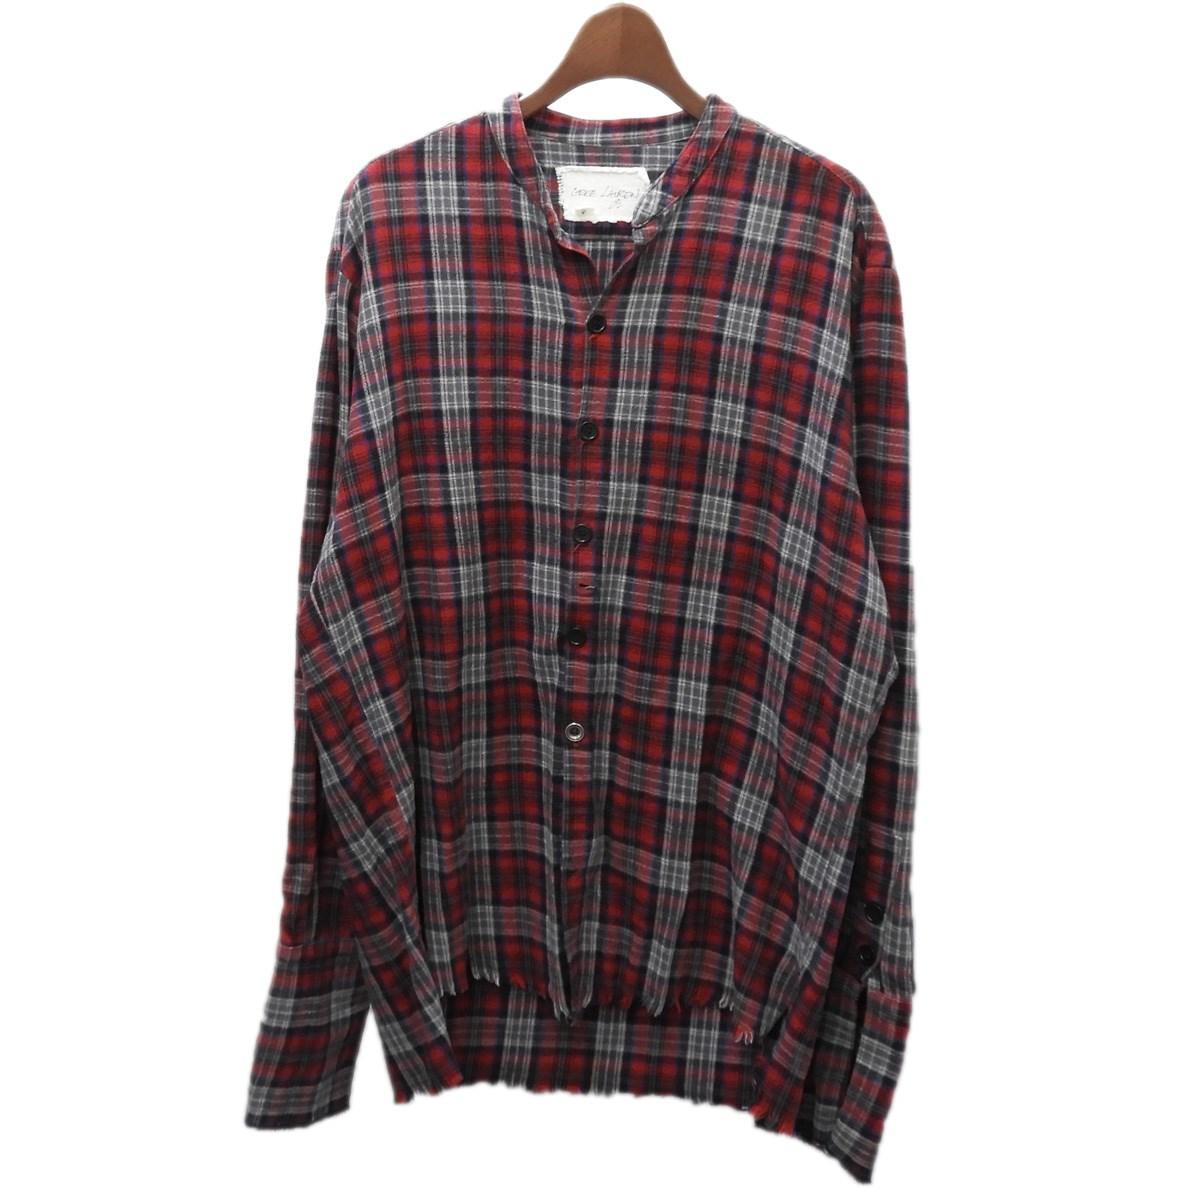 【中古】GREG LAUREN 「FLANNEL STUDIO SHIRT」 ダメージ加工チェックシャツ レッド サイズ:3 【160320】(グレッグローレン)